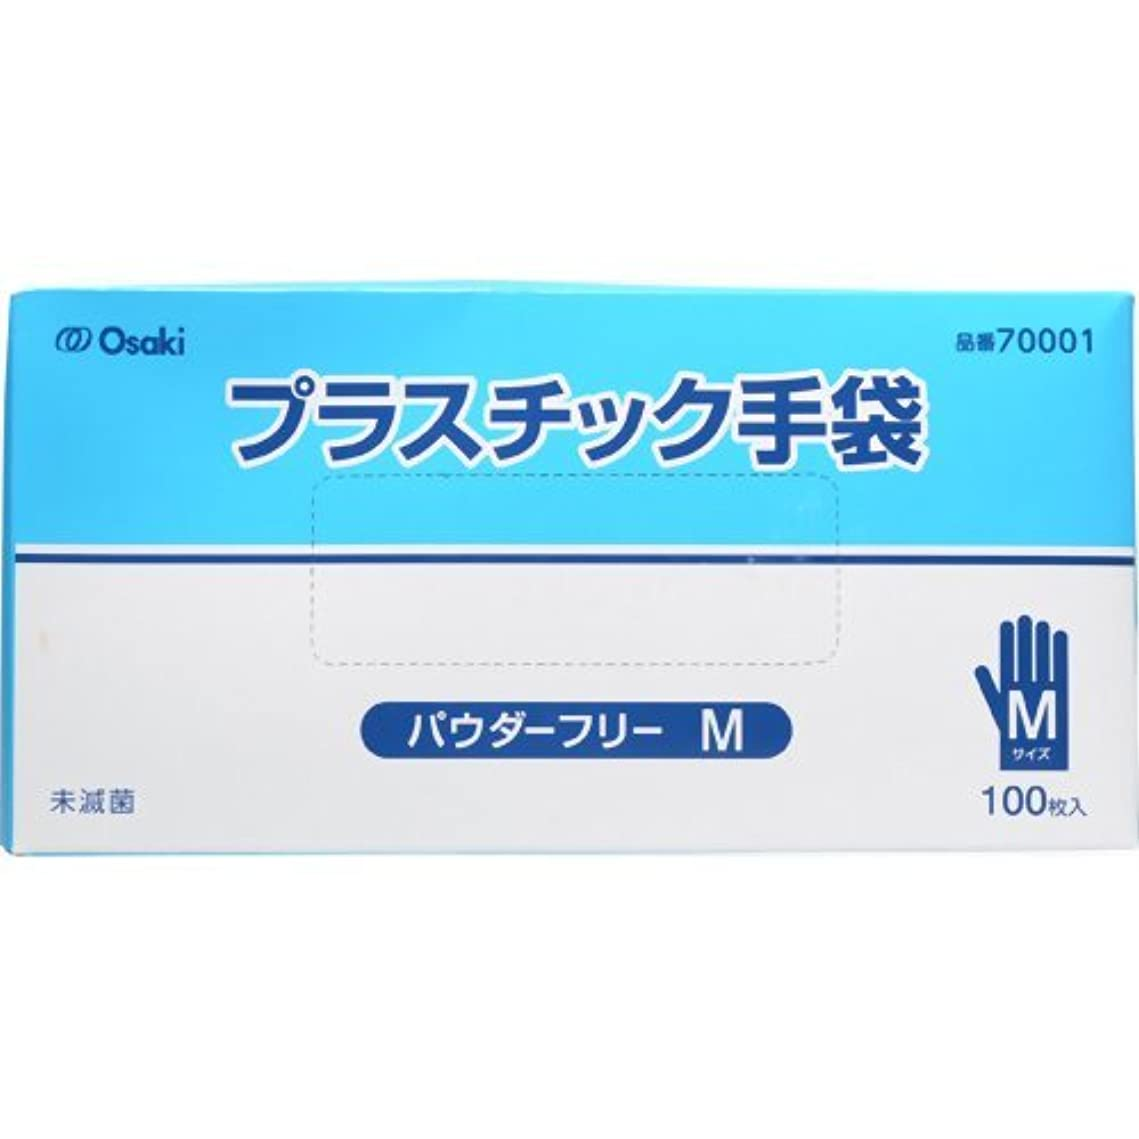 避難する軽食ピルオオサキメディカル プラスチック手袋 PF Mサイズ 100枚入